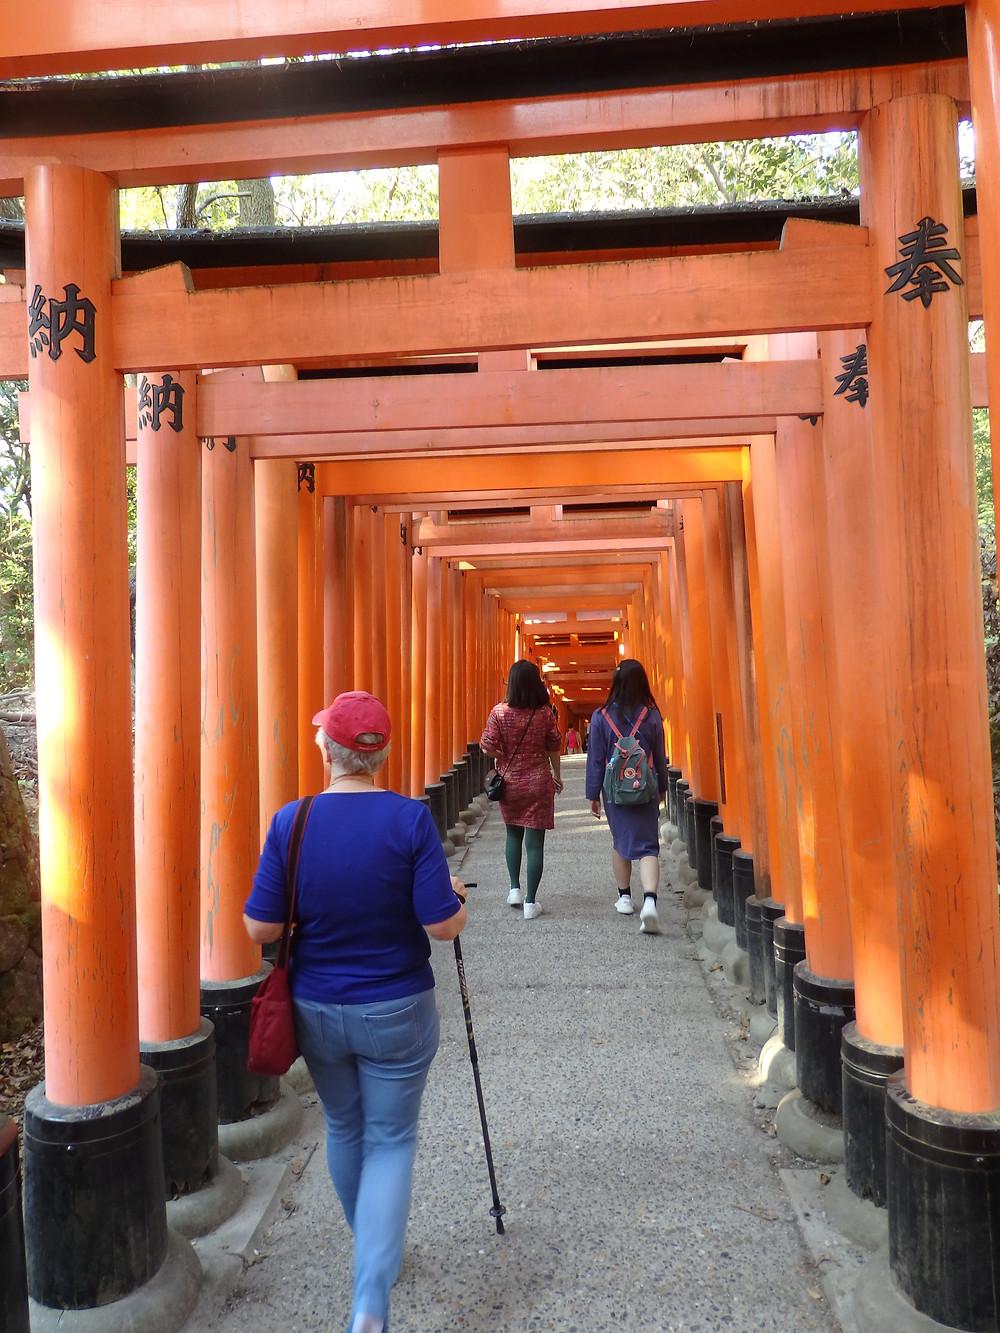 A customer enjoying Fushimi Inari Shrine in Kyoto